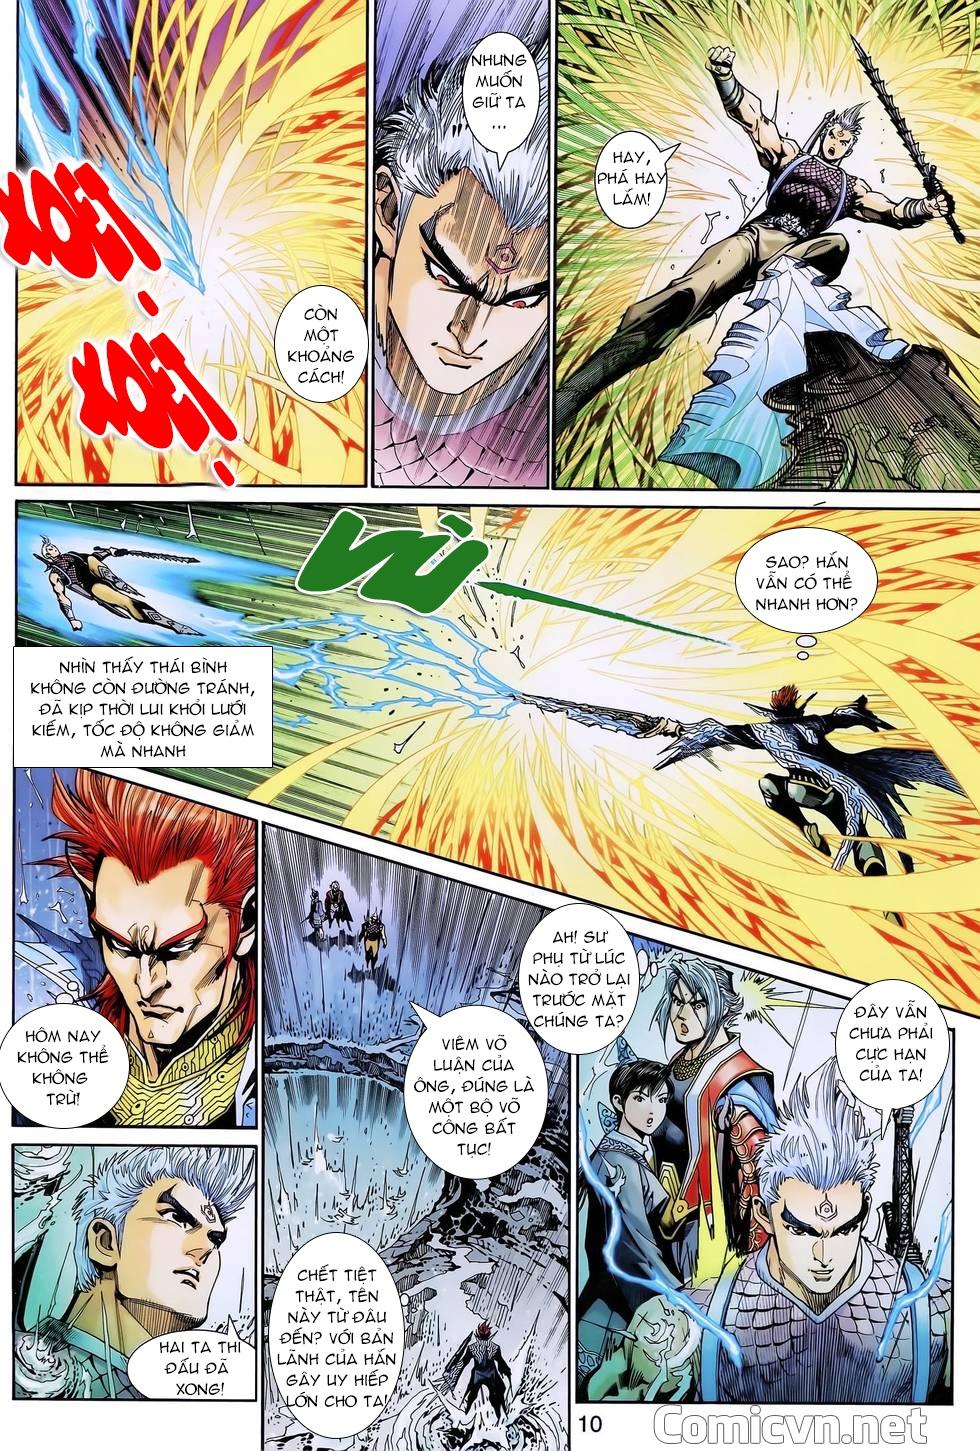 Thần binh huyền kỳ 3 - 3.5 tập 146 - 8